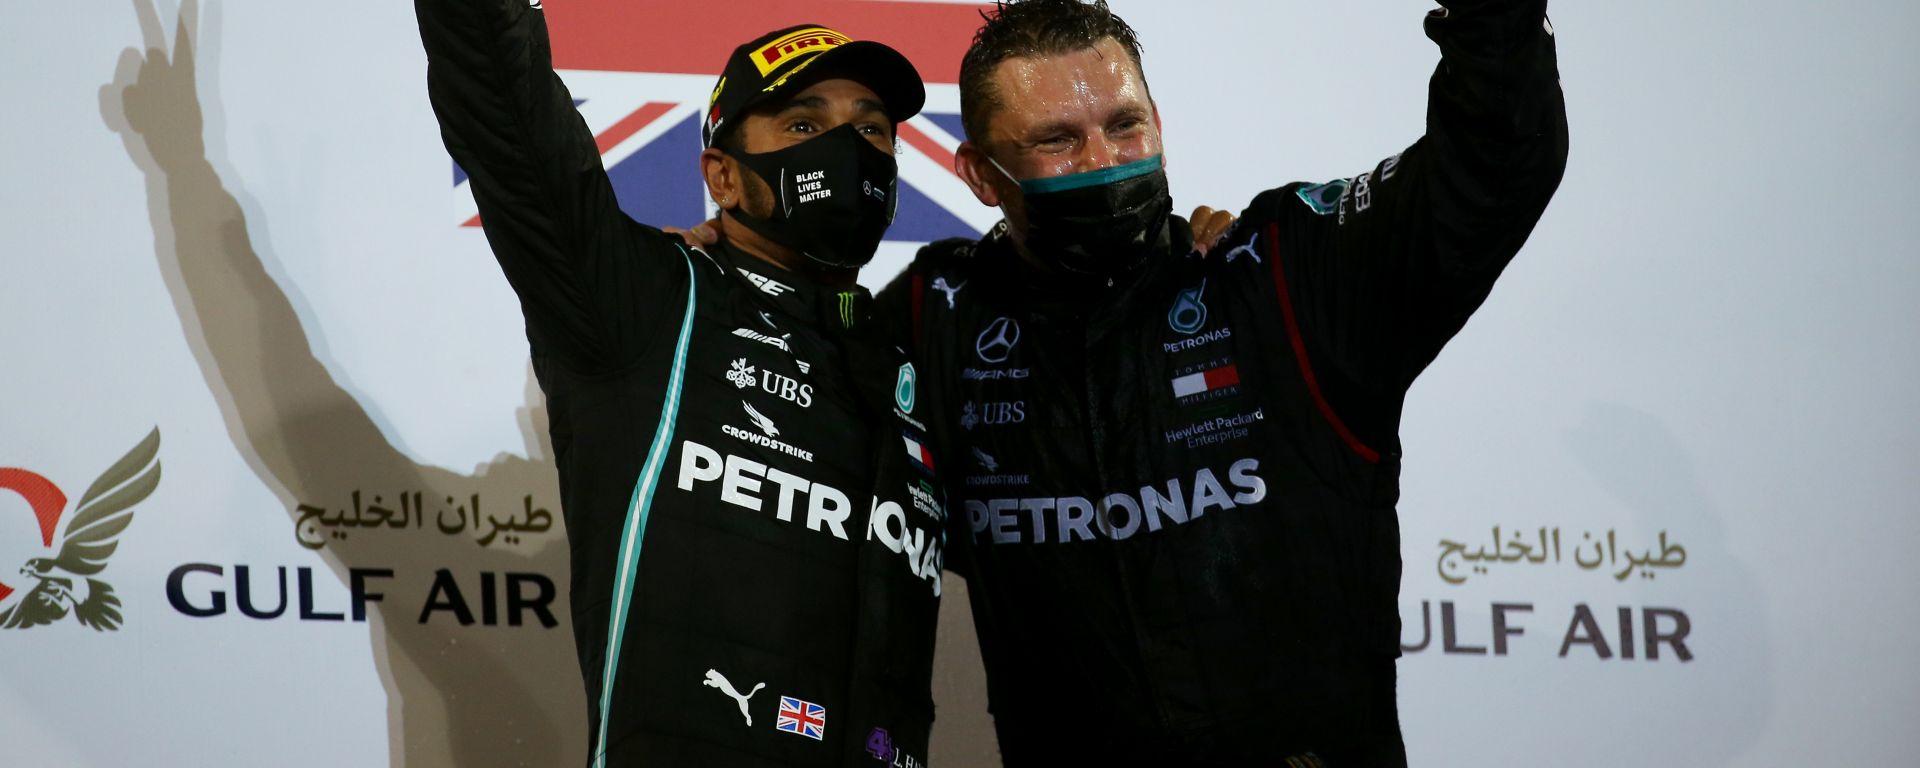 F1 GP Bahrain 2020, Sakhir: Lewis Hamilton (Mercedes AMG F1) festeggia sul podio